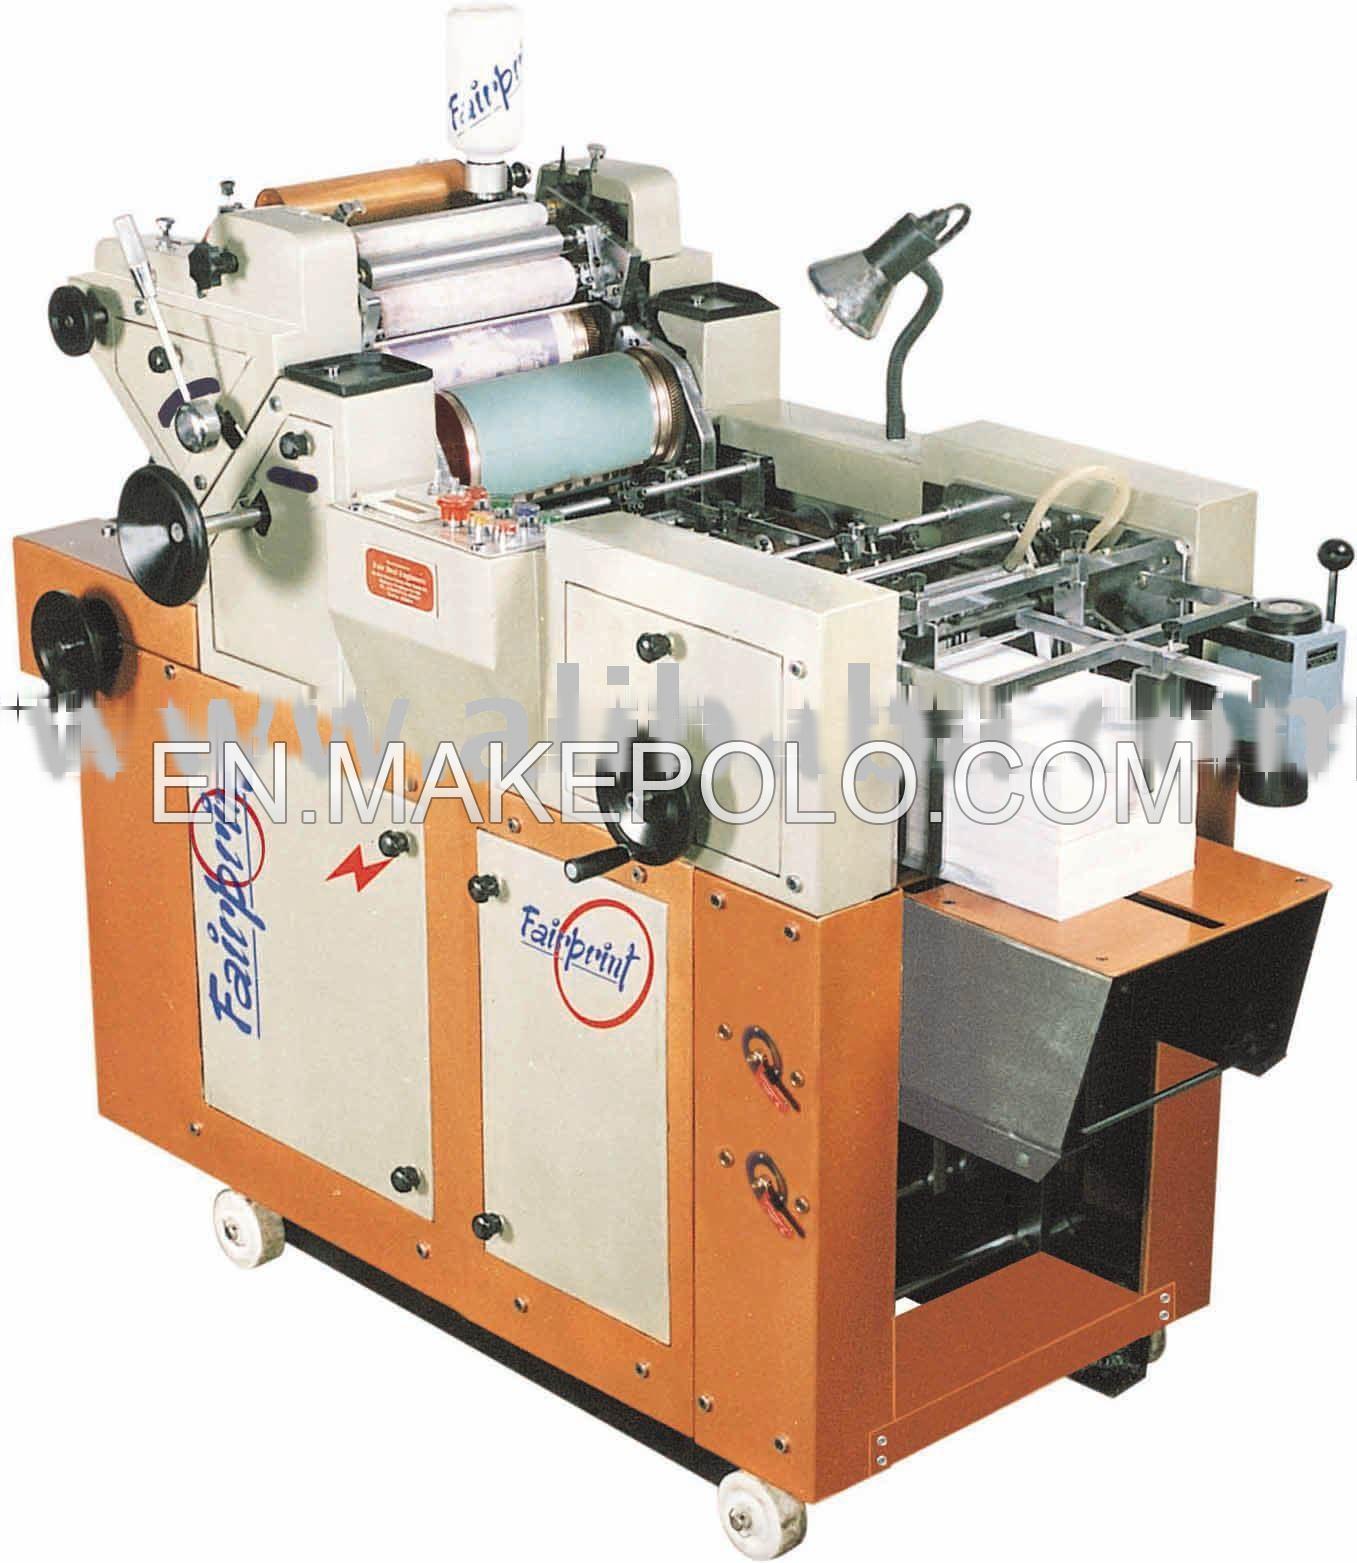 Mini Offset Printing Machine, Printing Machinery - Makepolo